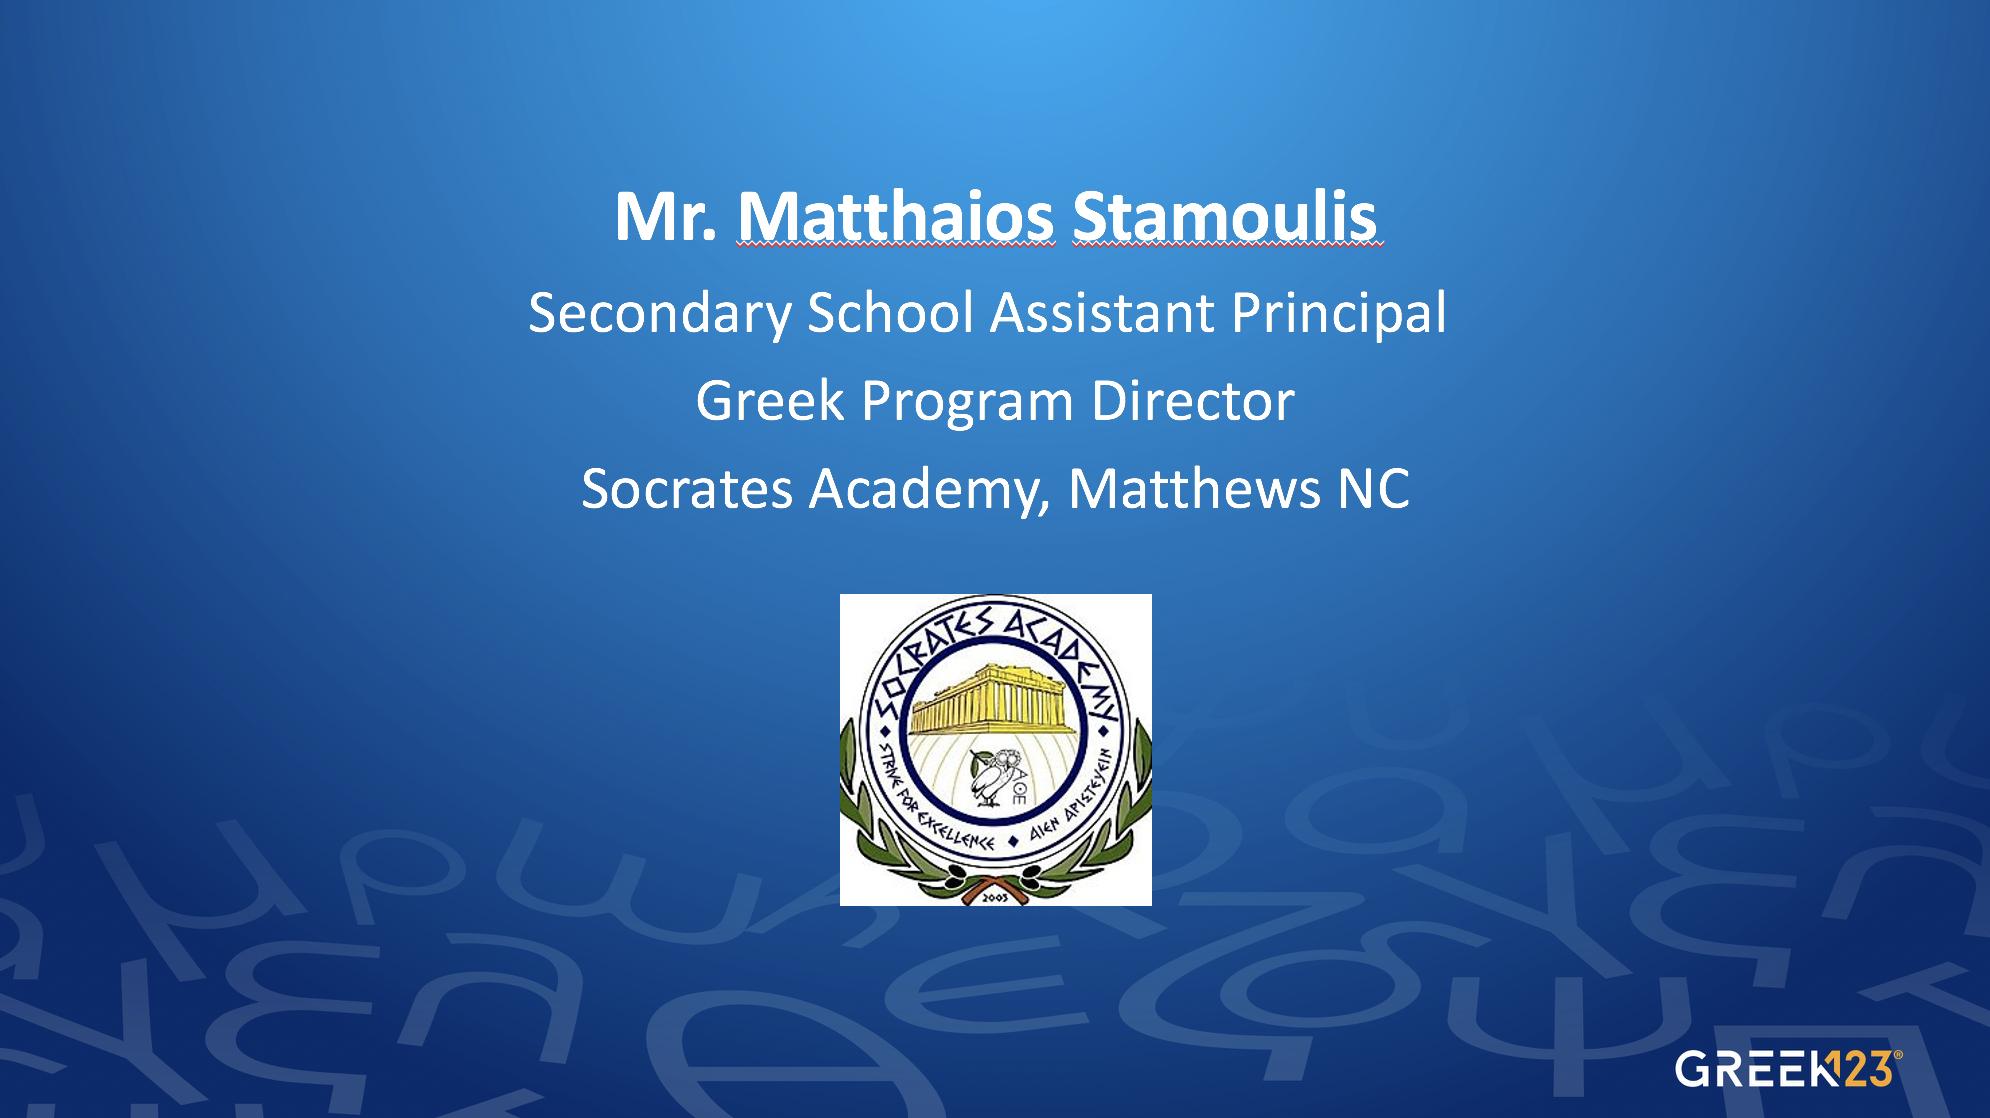 Matthaios Stamoulis, Greek Program Director